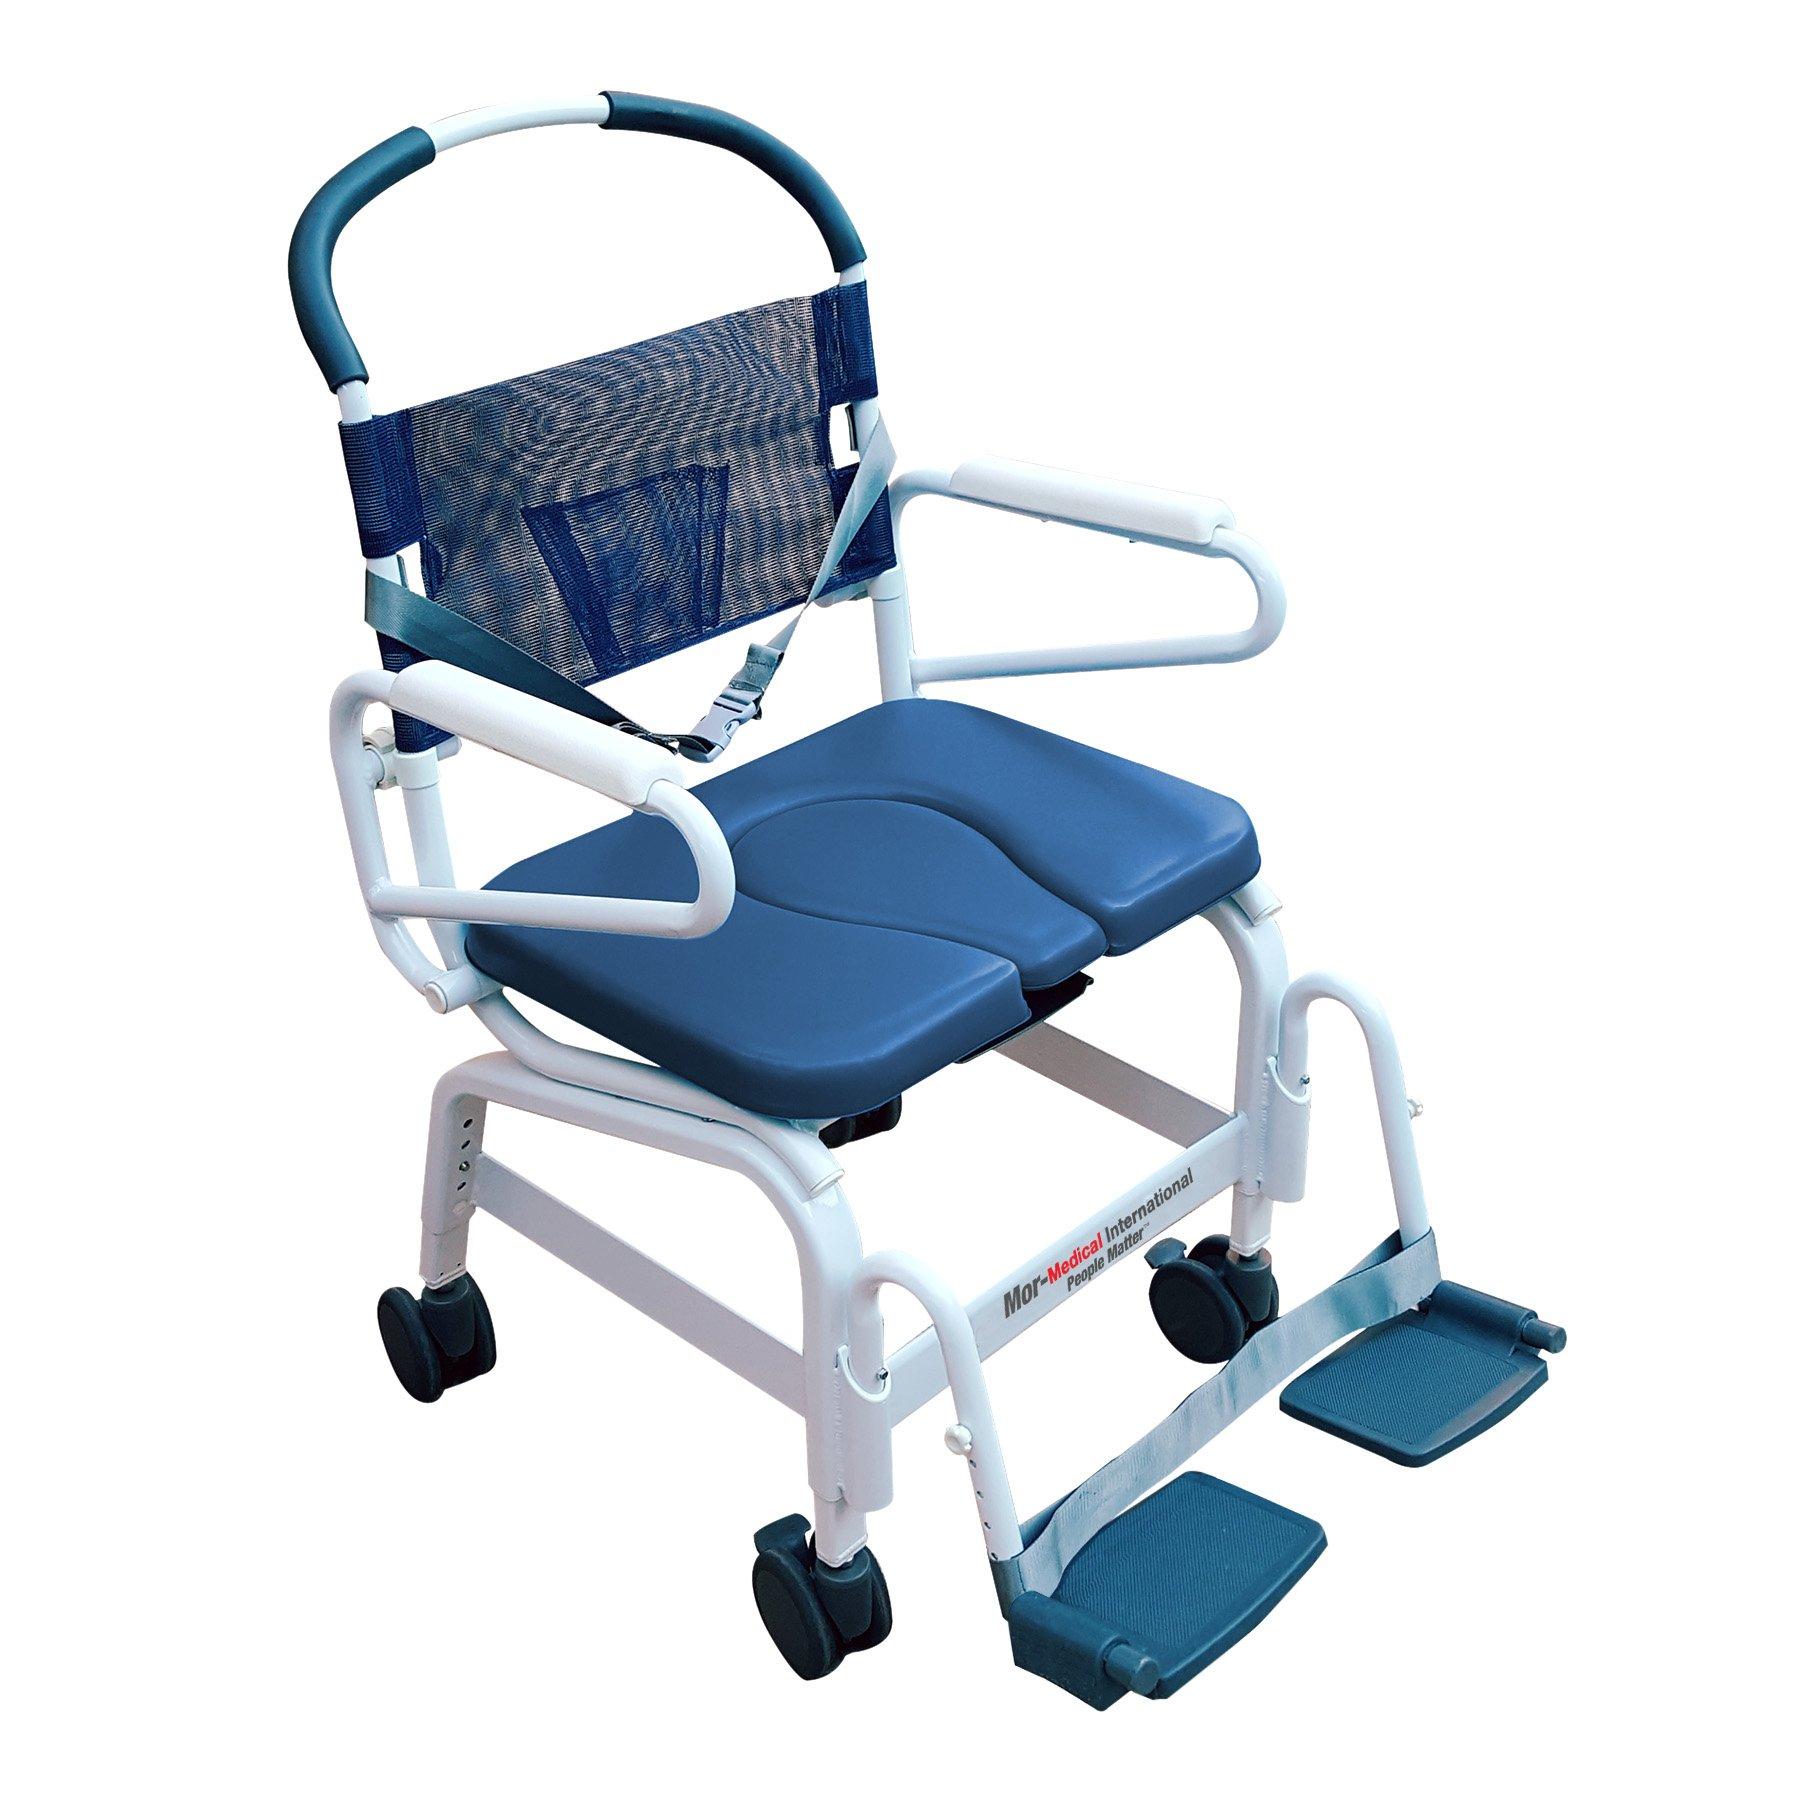 Mor-Medical International MD-122-4TL-BL Adjacent Aluminum Shower Commode Chair, 22'' Internal Wide, 375 lb. Capacity, Foldaway Adjustable/Removable Footrest